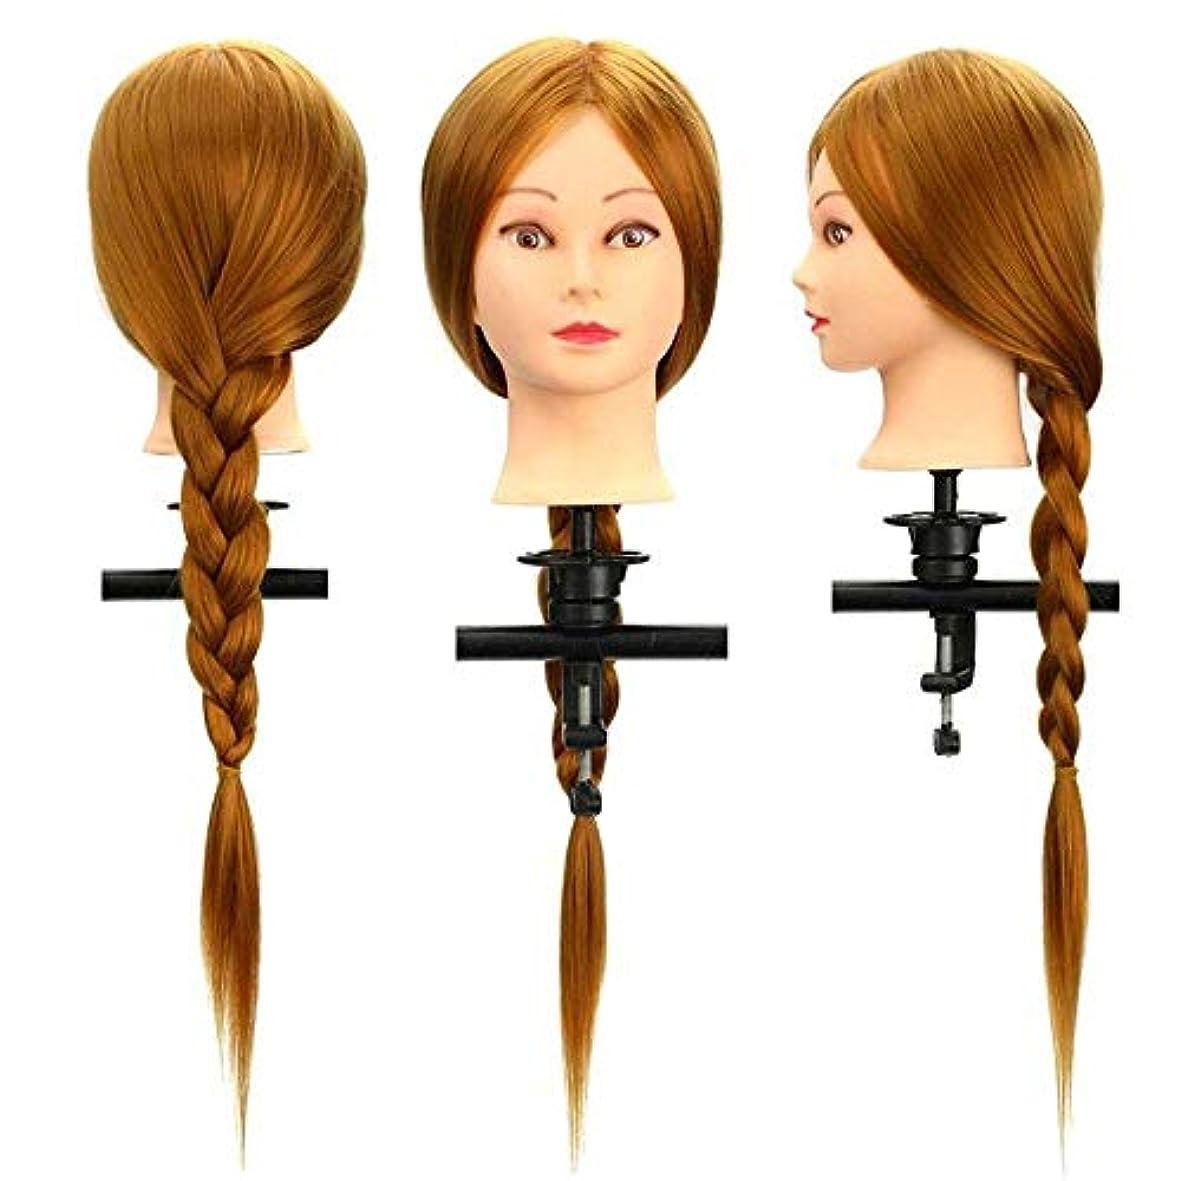 付属品気配りのある便益ヘアマネキンヘッド 表クランプ30%本物の人間のロング理髪カットマネキンの髪トレーニング頭サロン ヘア理髪トレーニングモデル付き (色 : 褐色, サイズ : 26